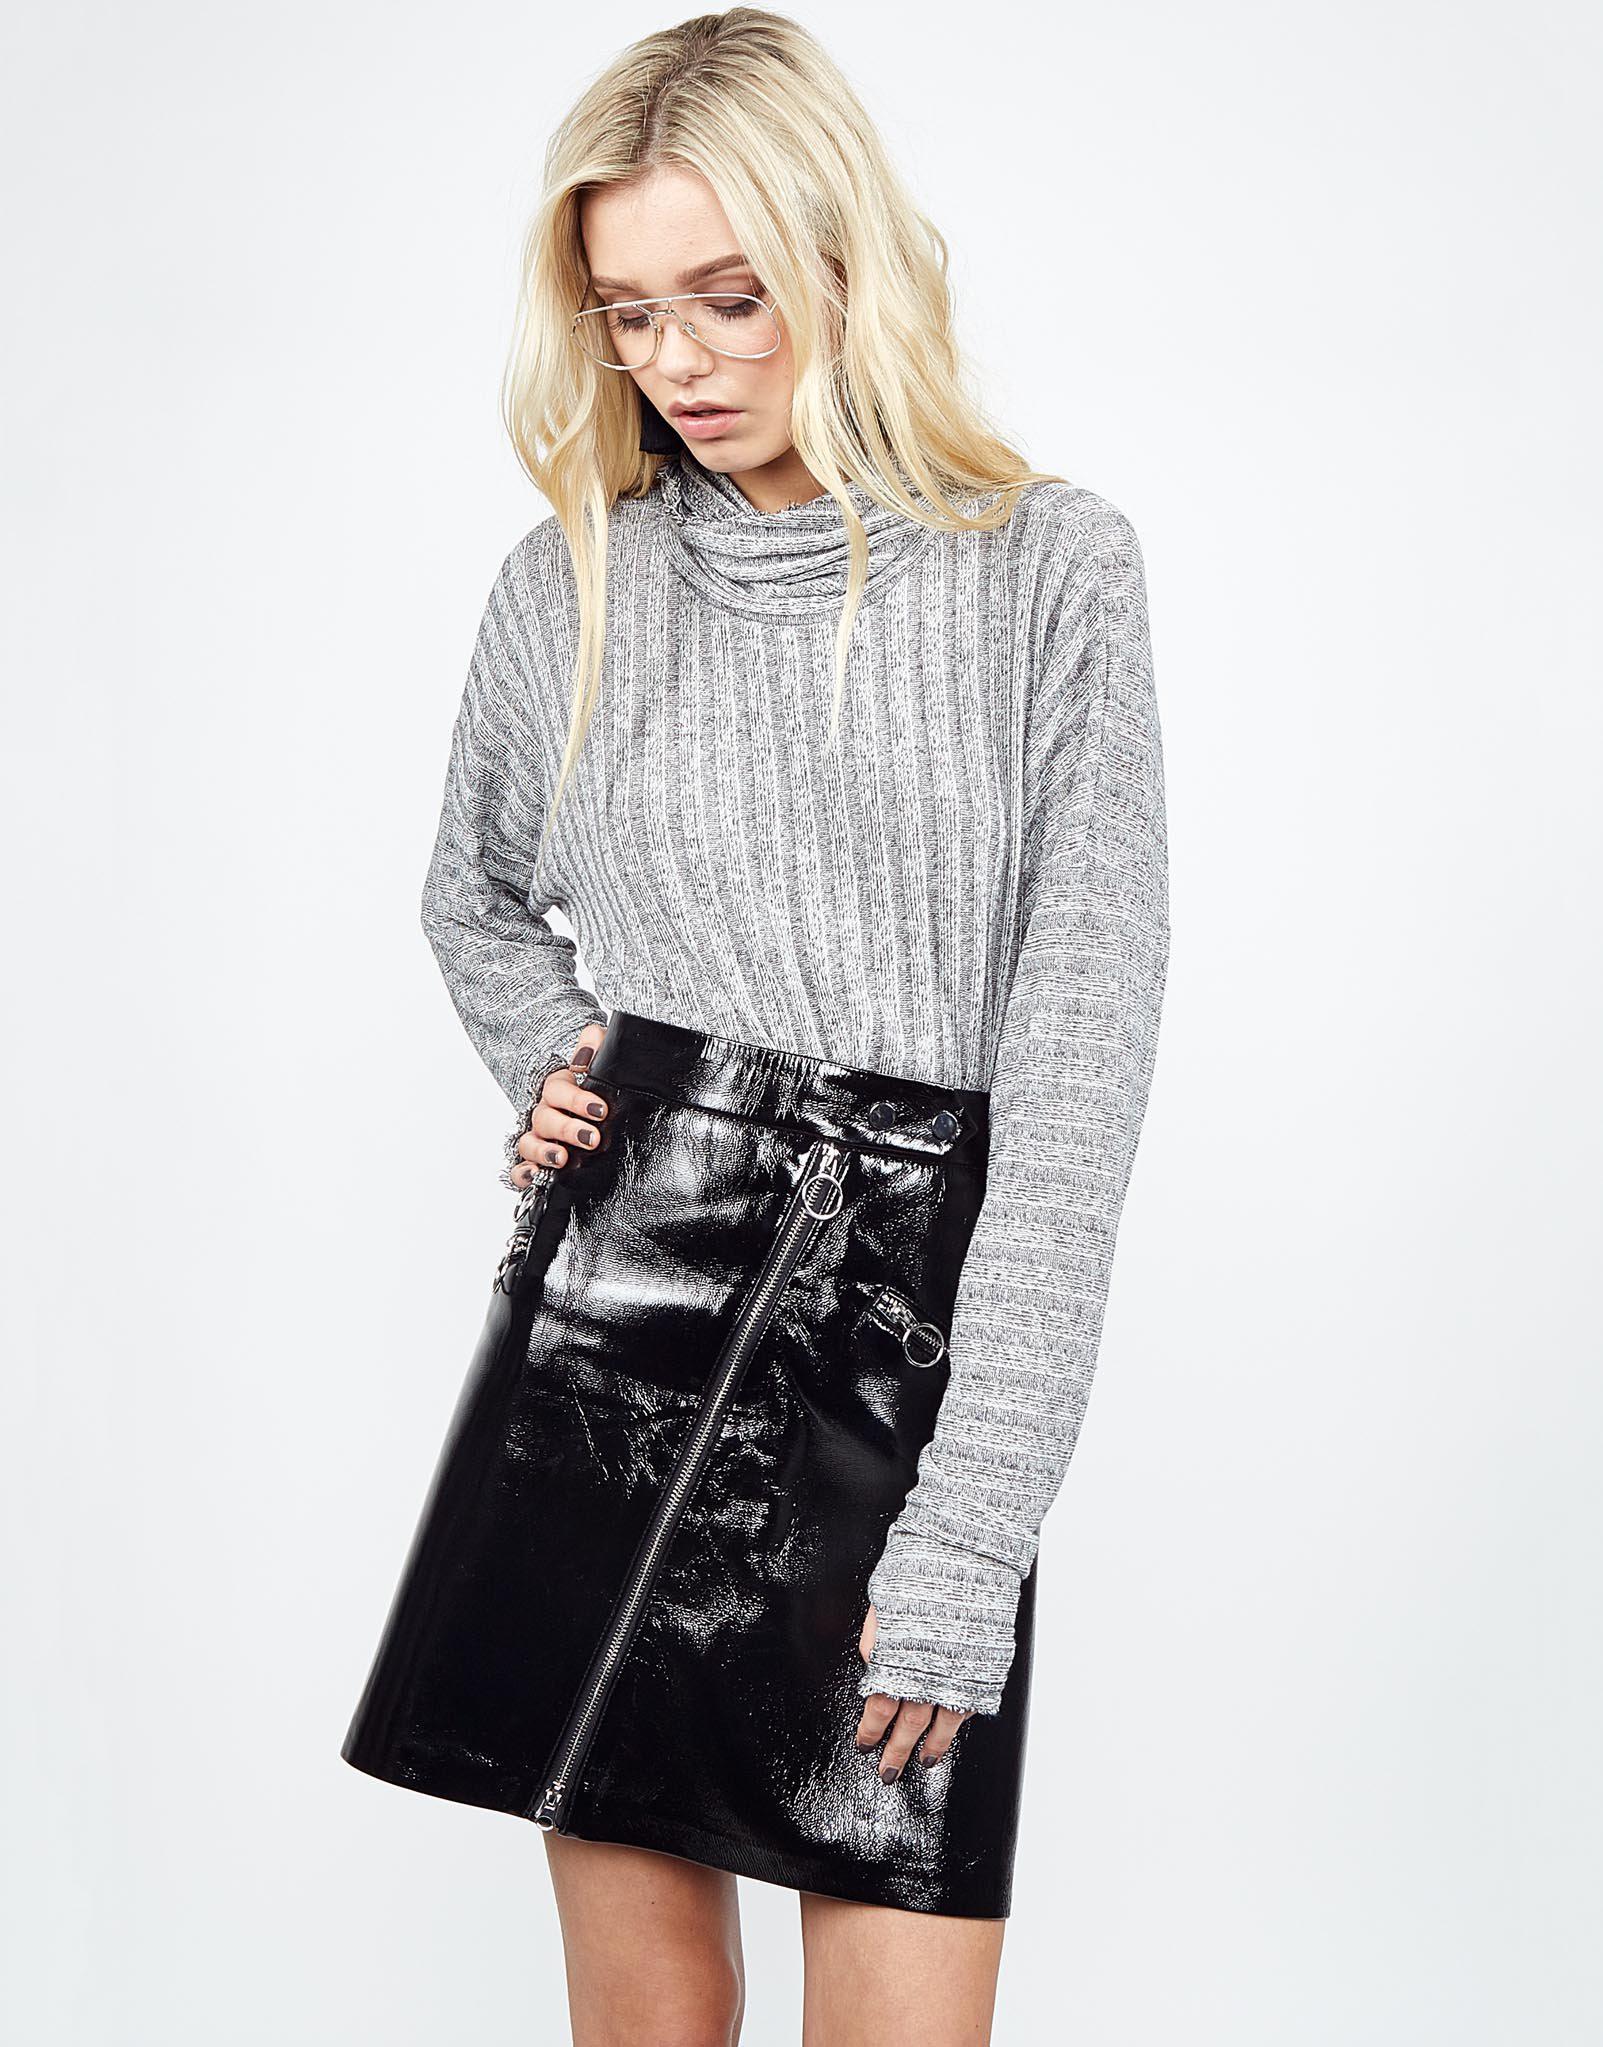 Lyst - Michael Lauren Pan Turtleneck Sweater in Gray 66dcdce92